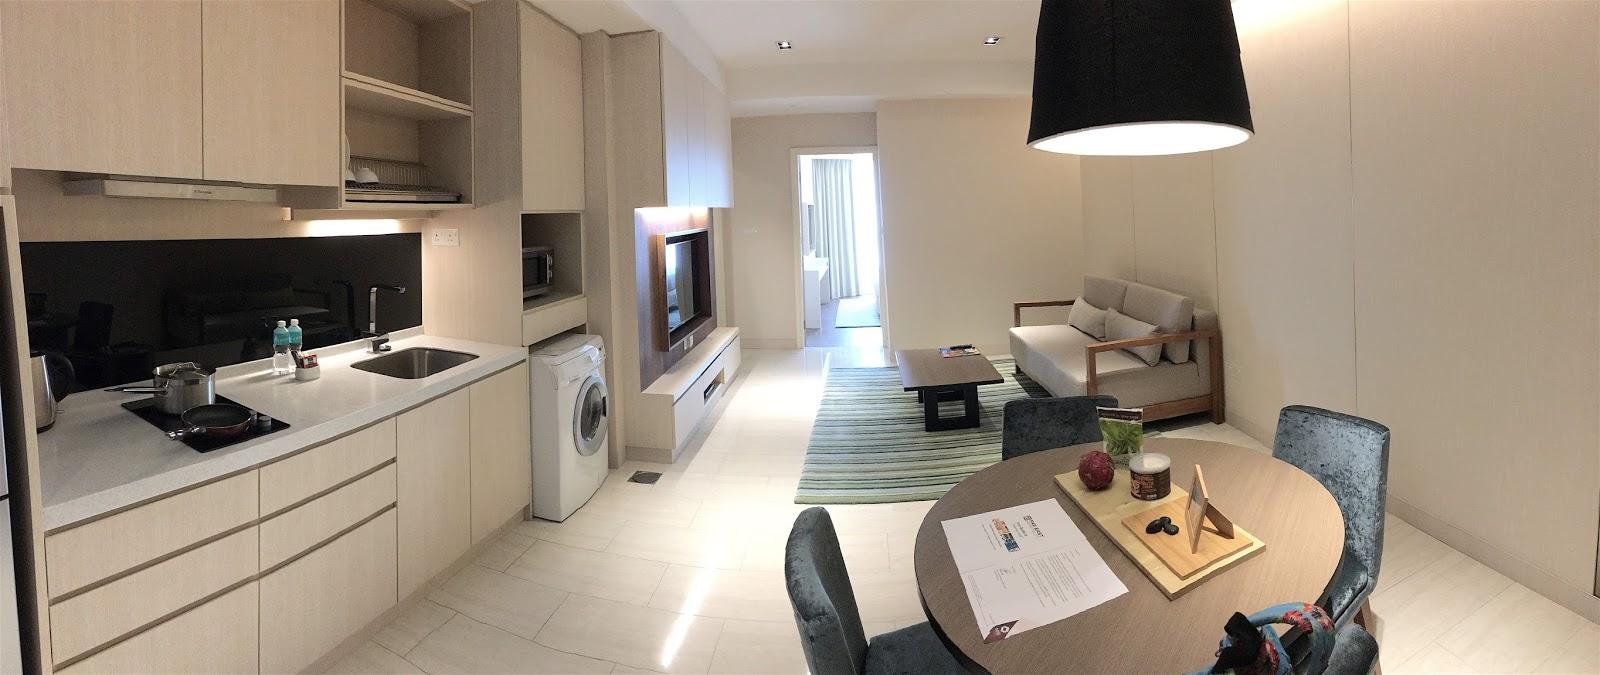 Oasia Suites Kuala Lumpur Malaysia More Home Than Hotel